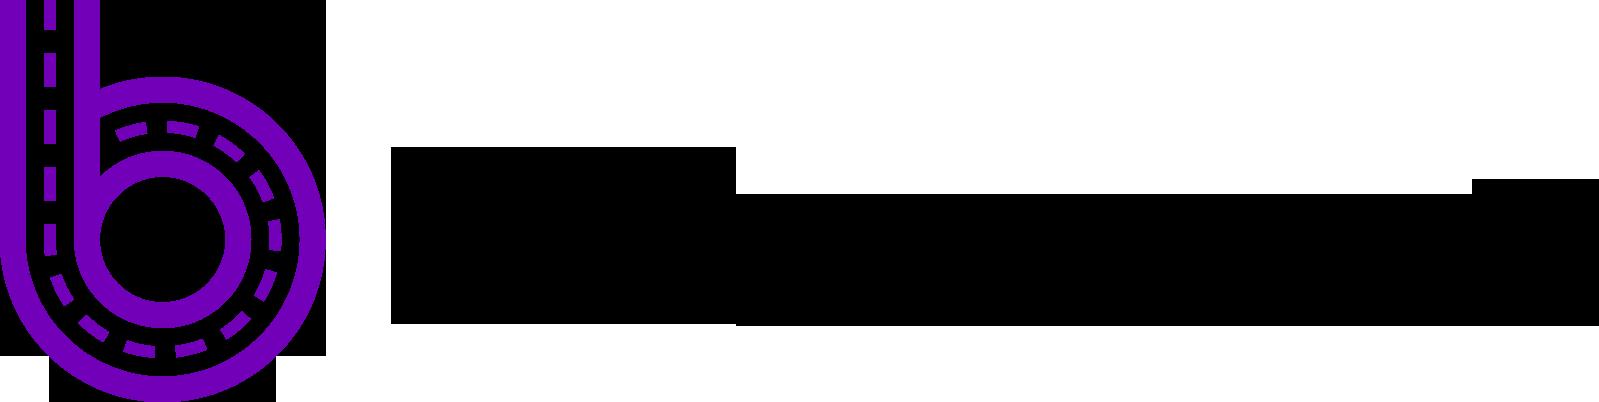 bikemore-logo-transparency.png